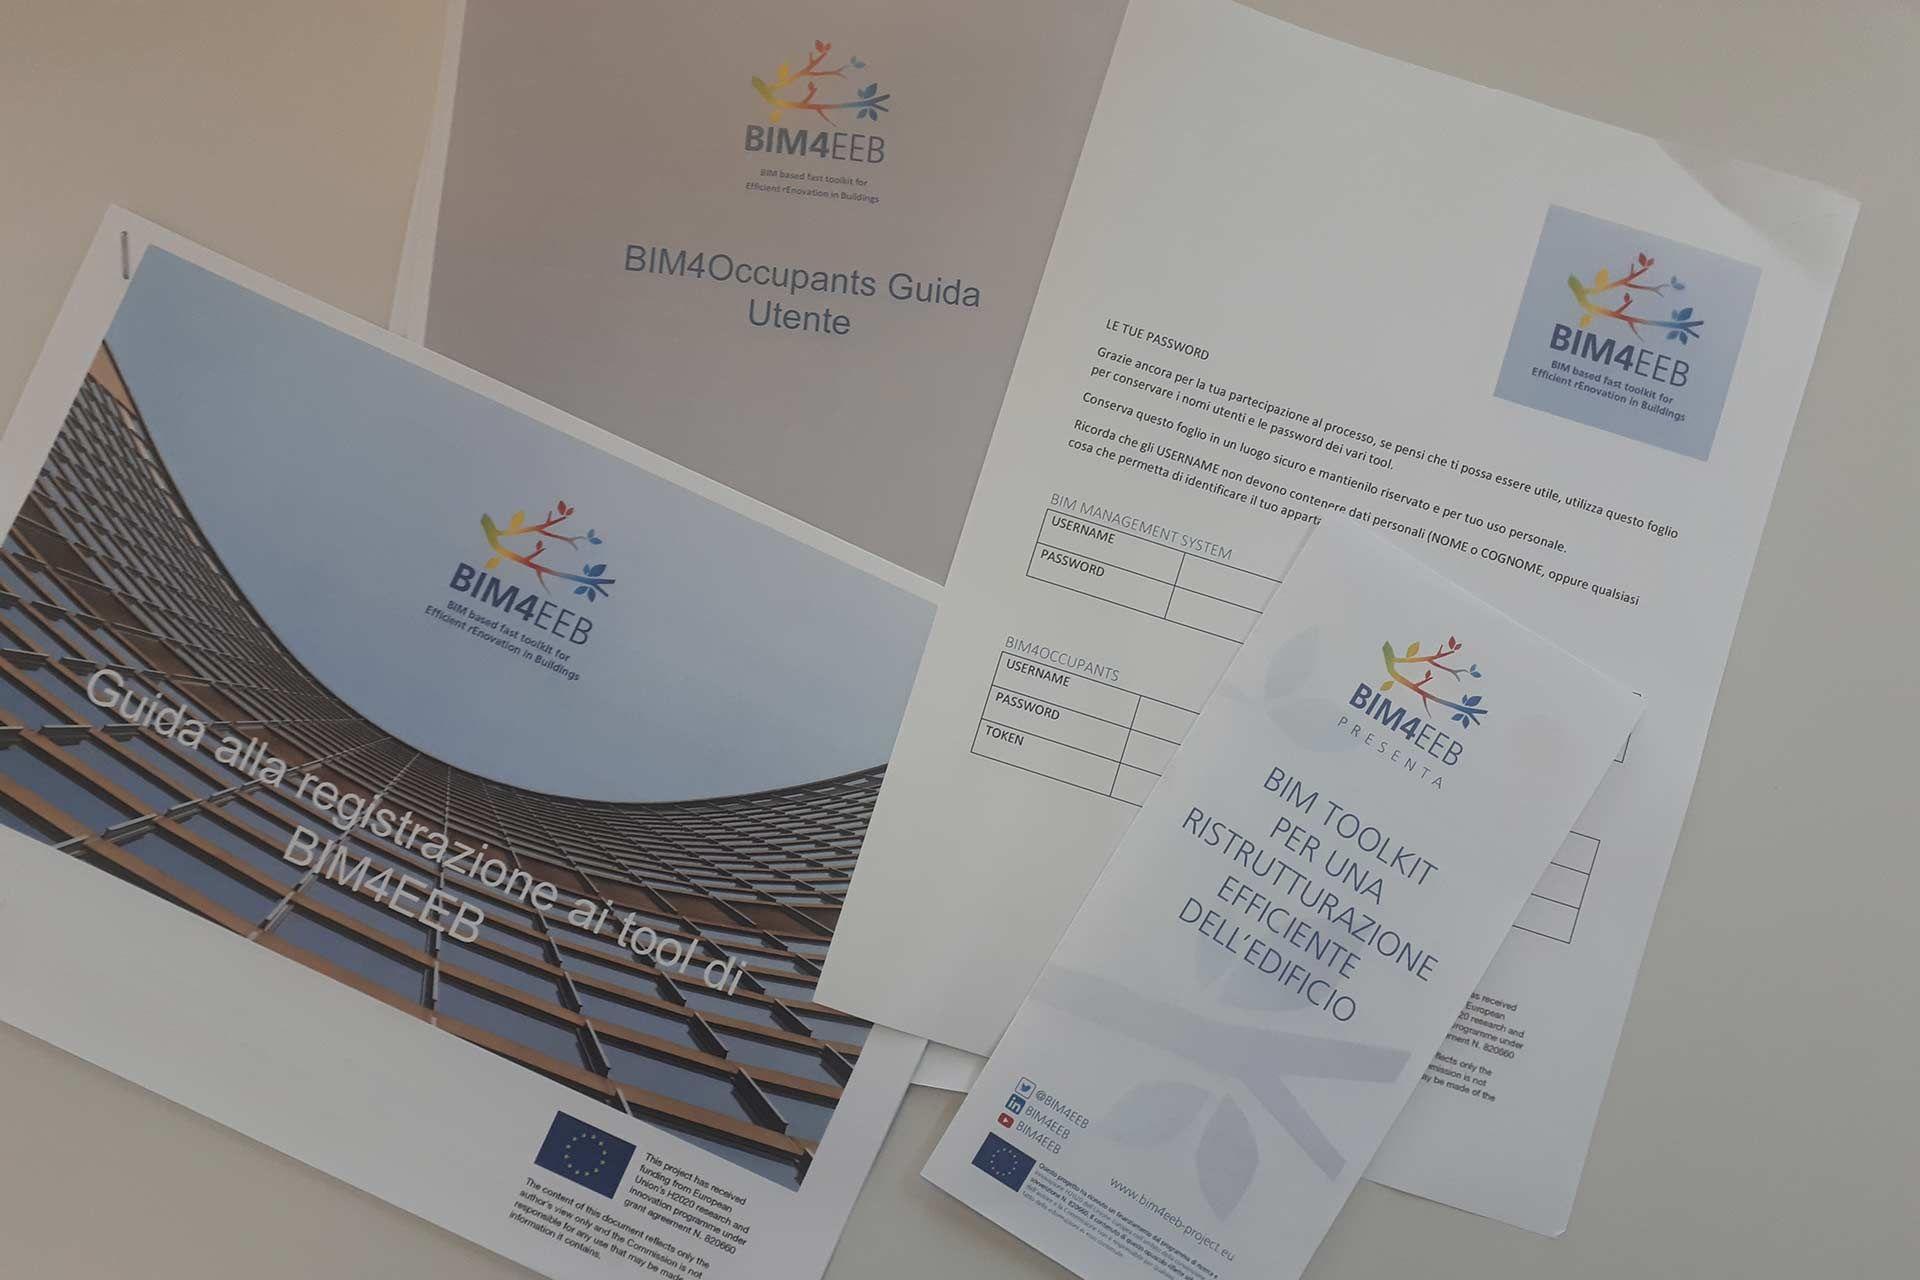 Brochure ald leaflet shared by Tenants in Italian Demo Case